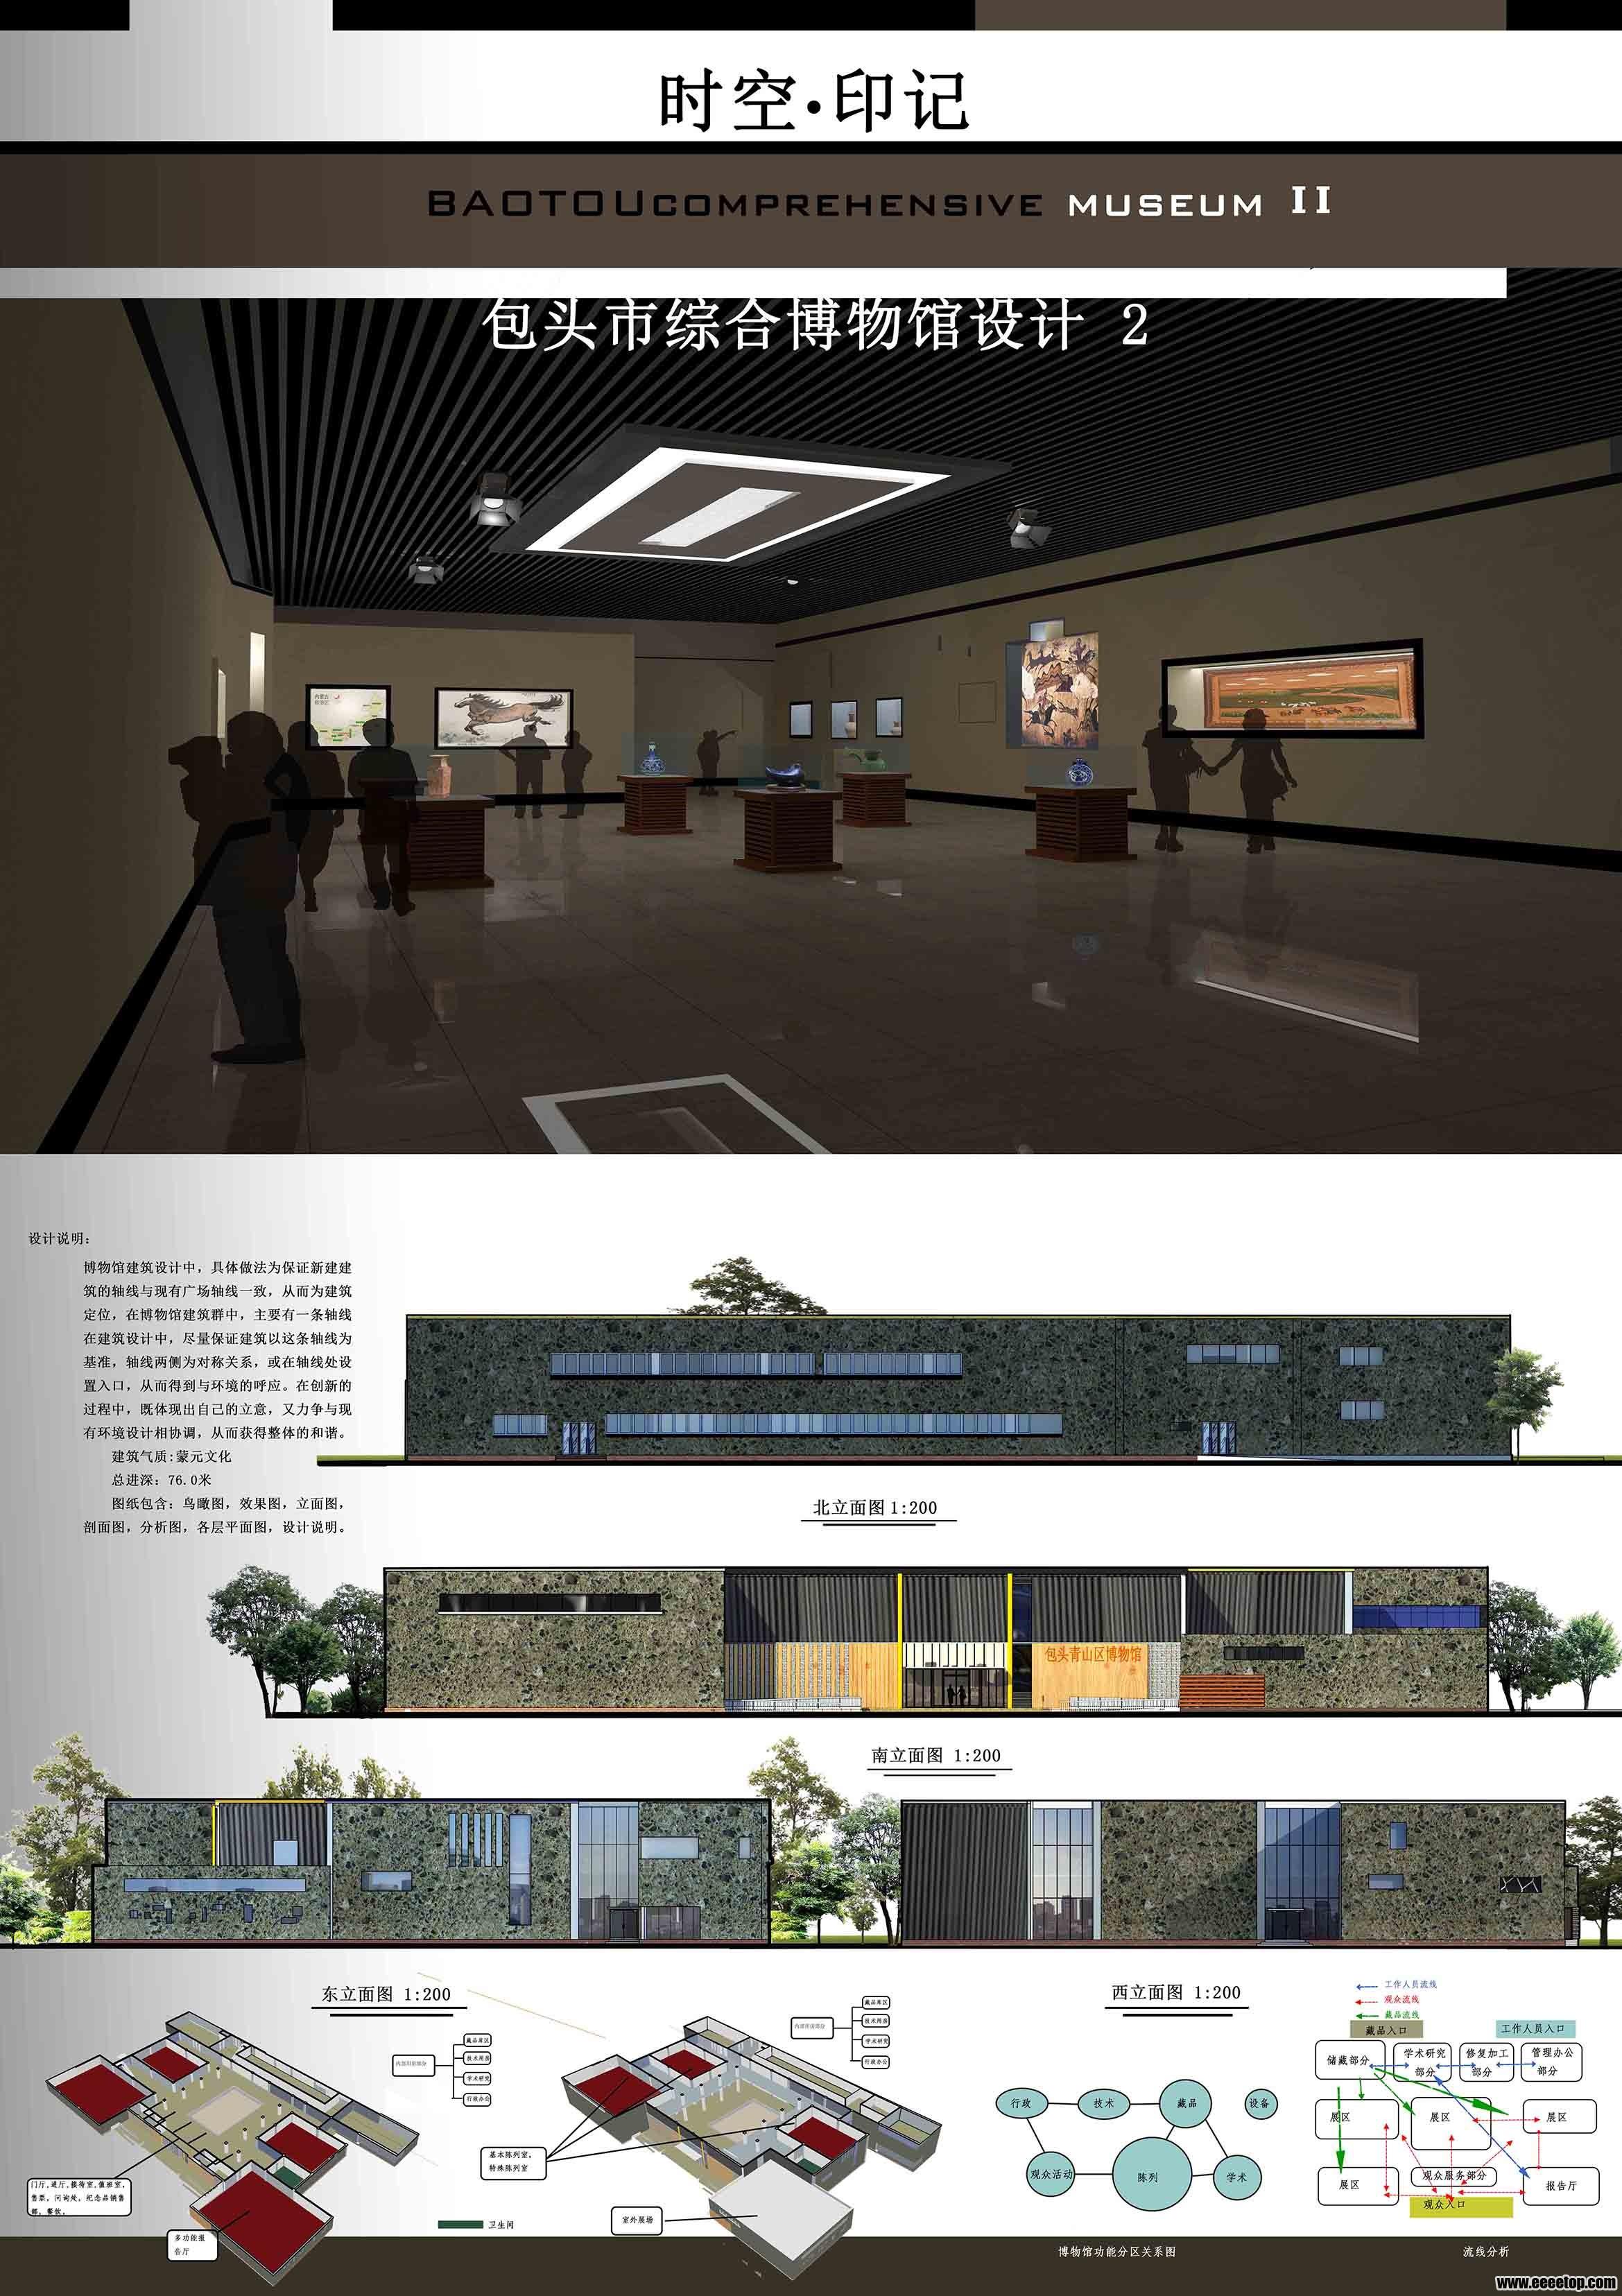 上学期做的博物馆设计